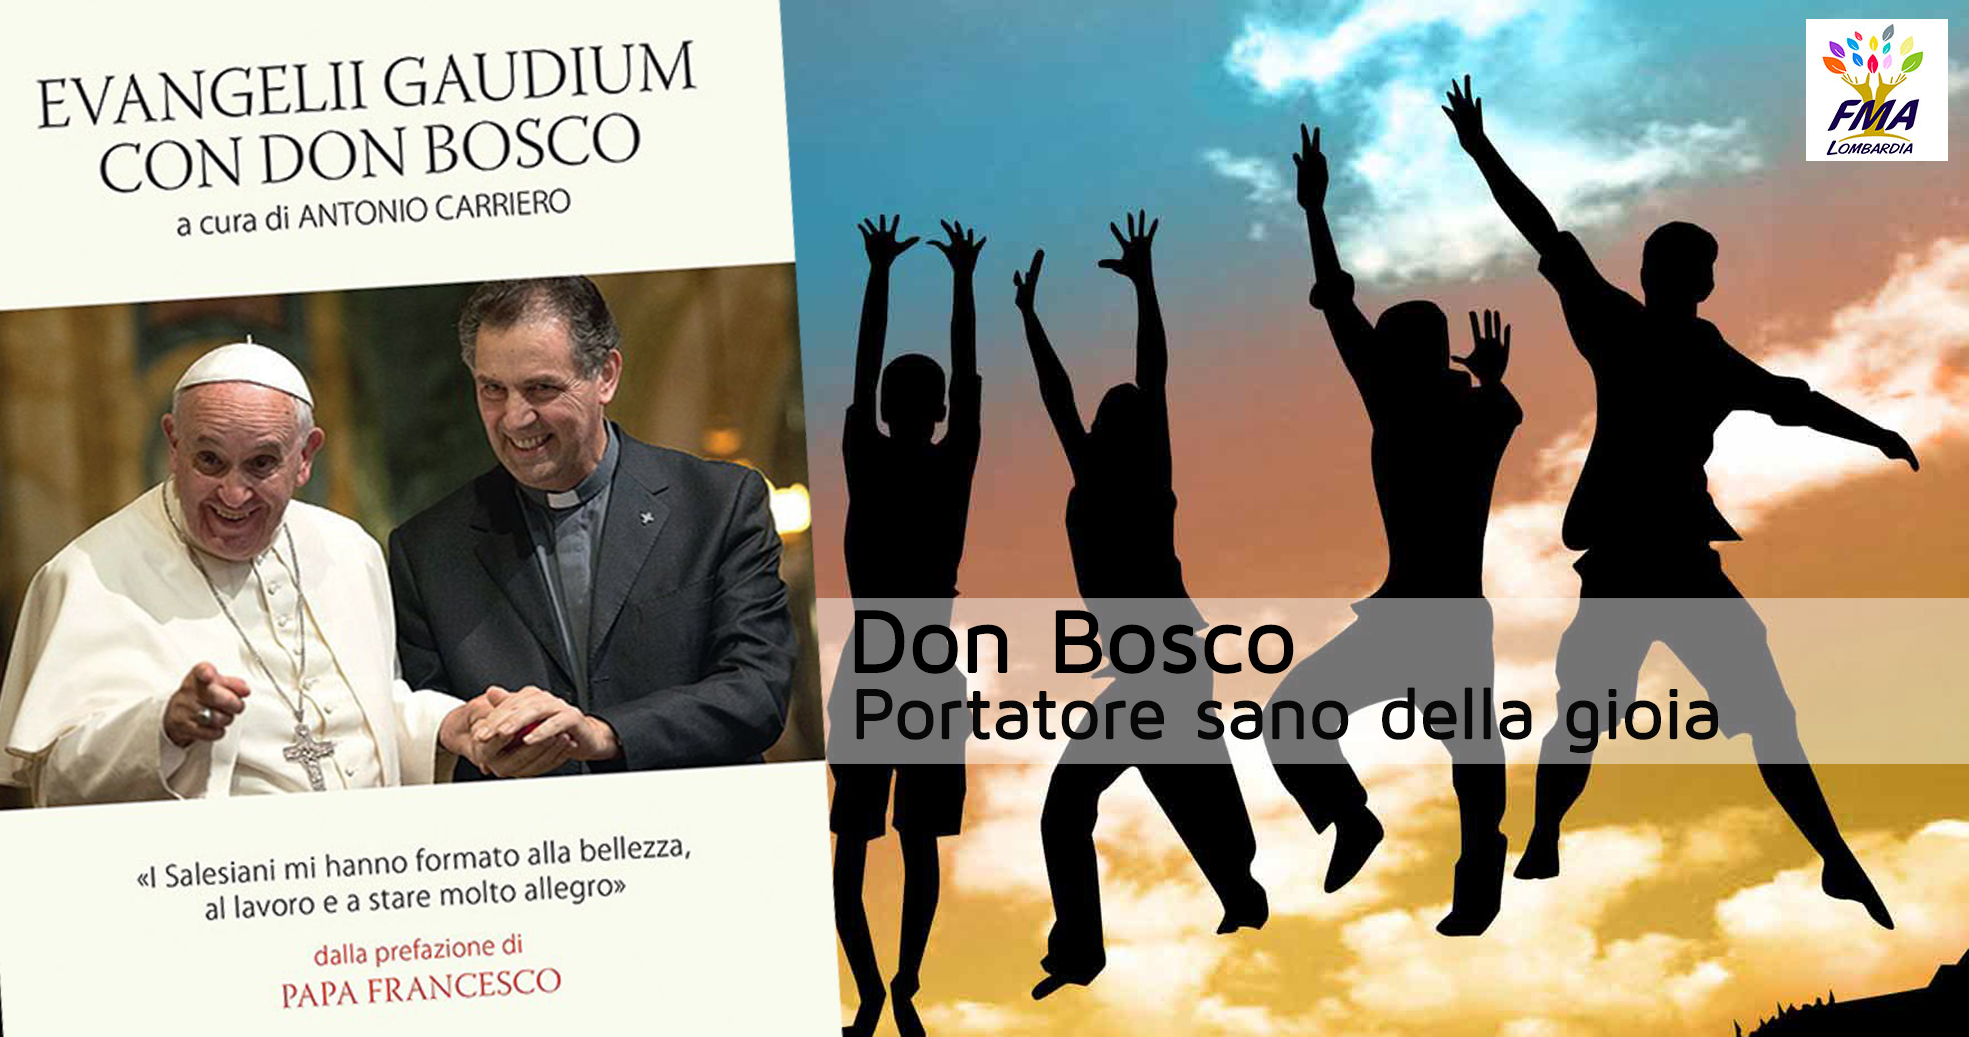 Don Bosco portatore sano della gioia